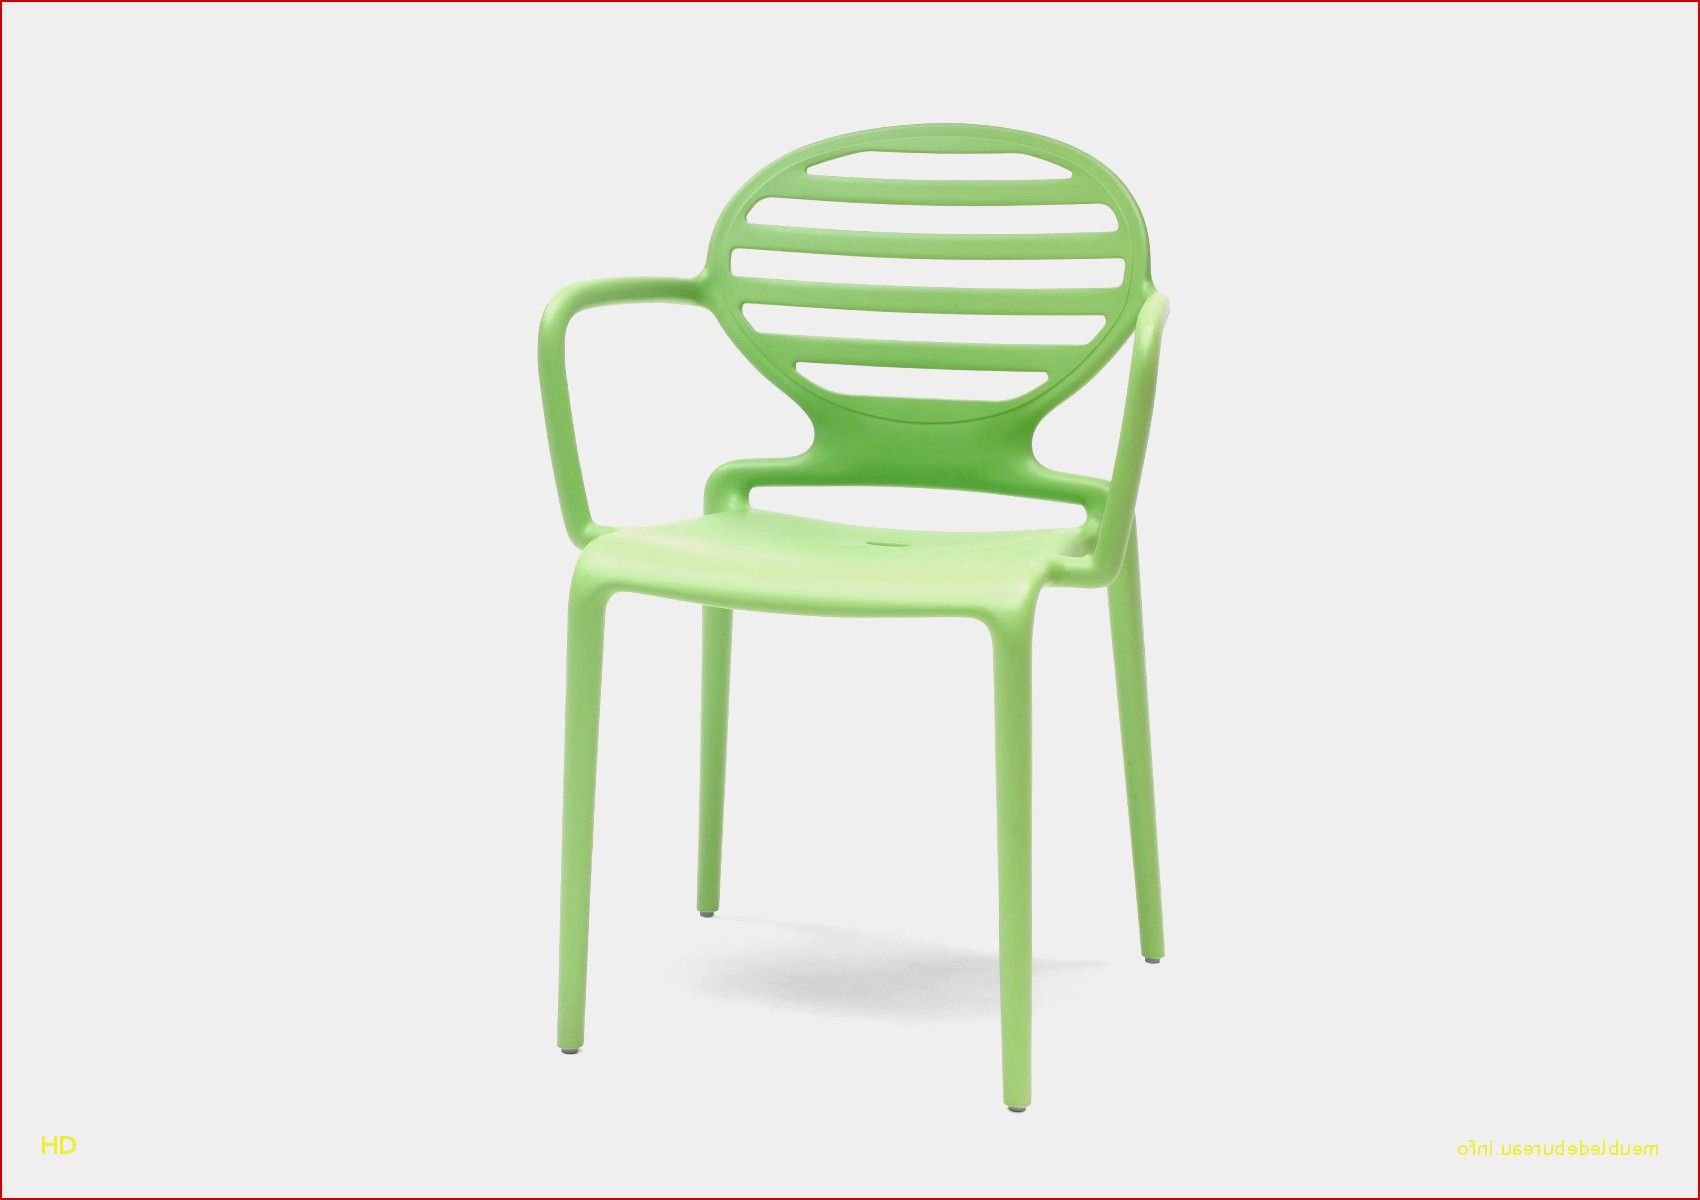 chaise haute de cuisine personne agée